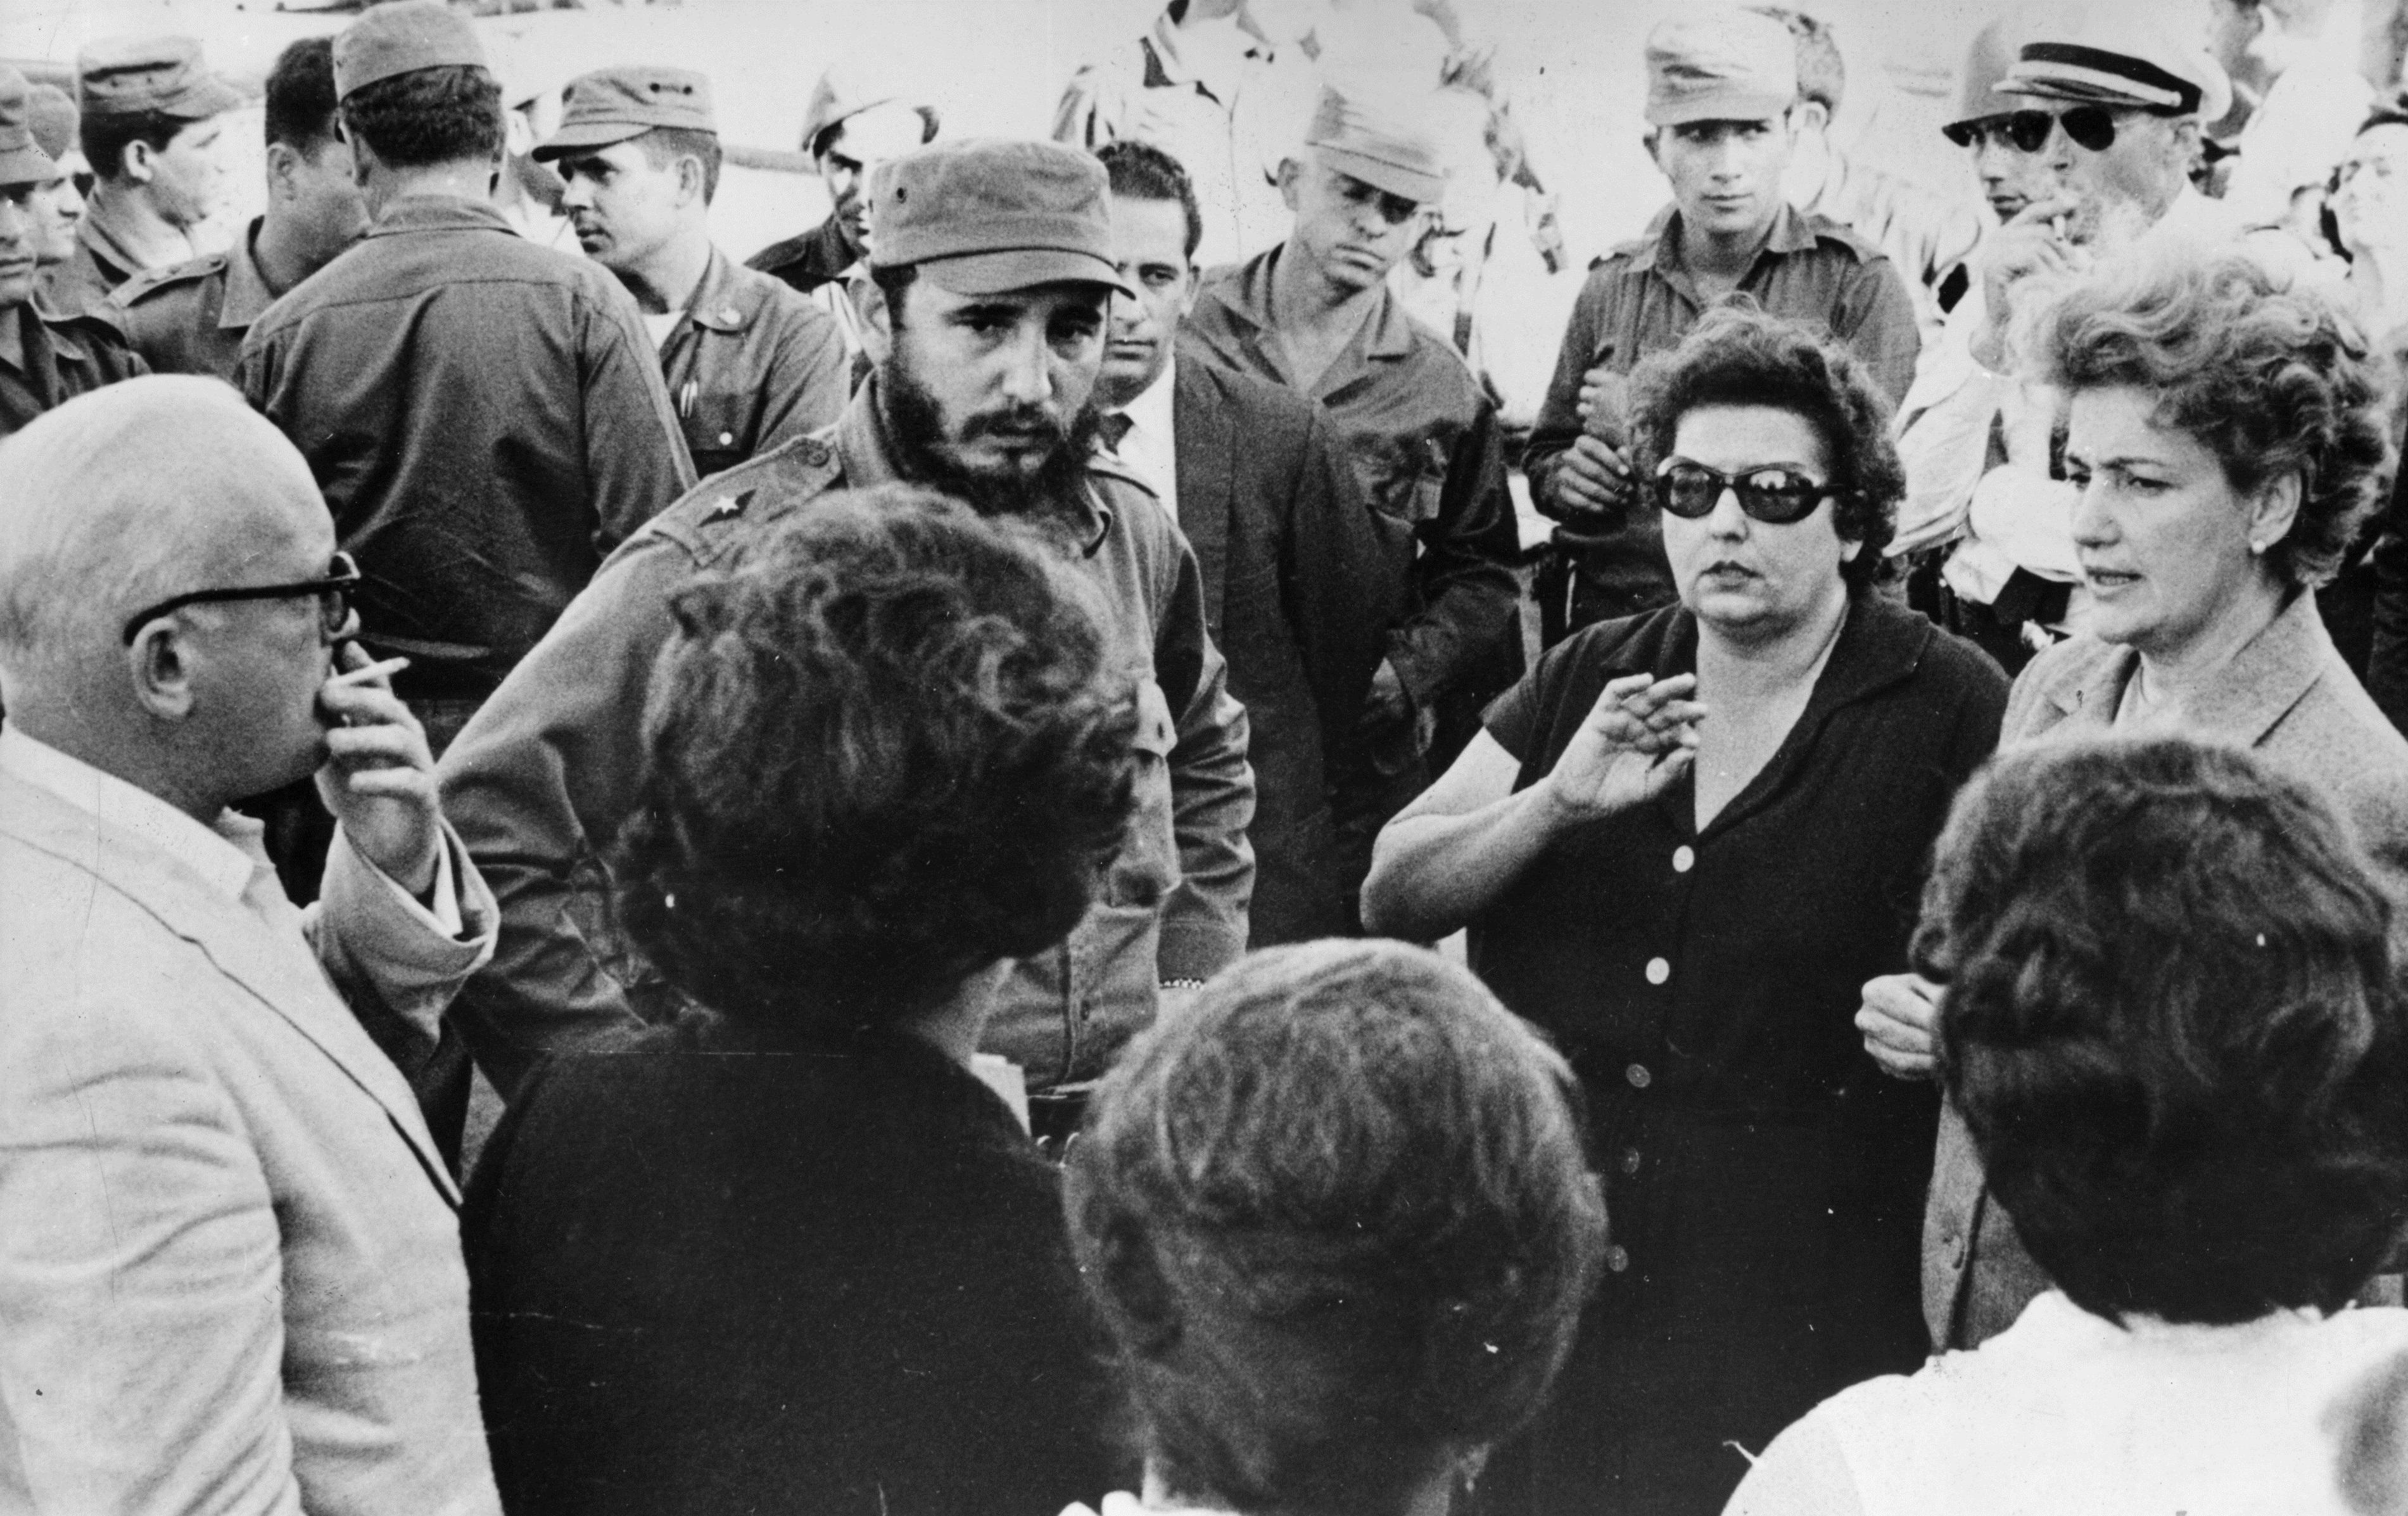 3 януари 1963 г. - Кубинският премиер Фидел Кастро говори с родителите на някои от американските затворници, държани като заложници за храна и провизии от правителството на Куба след неуспешната емигрантска инвазия в Залива на прасетата.